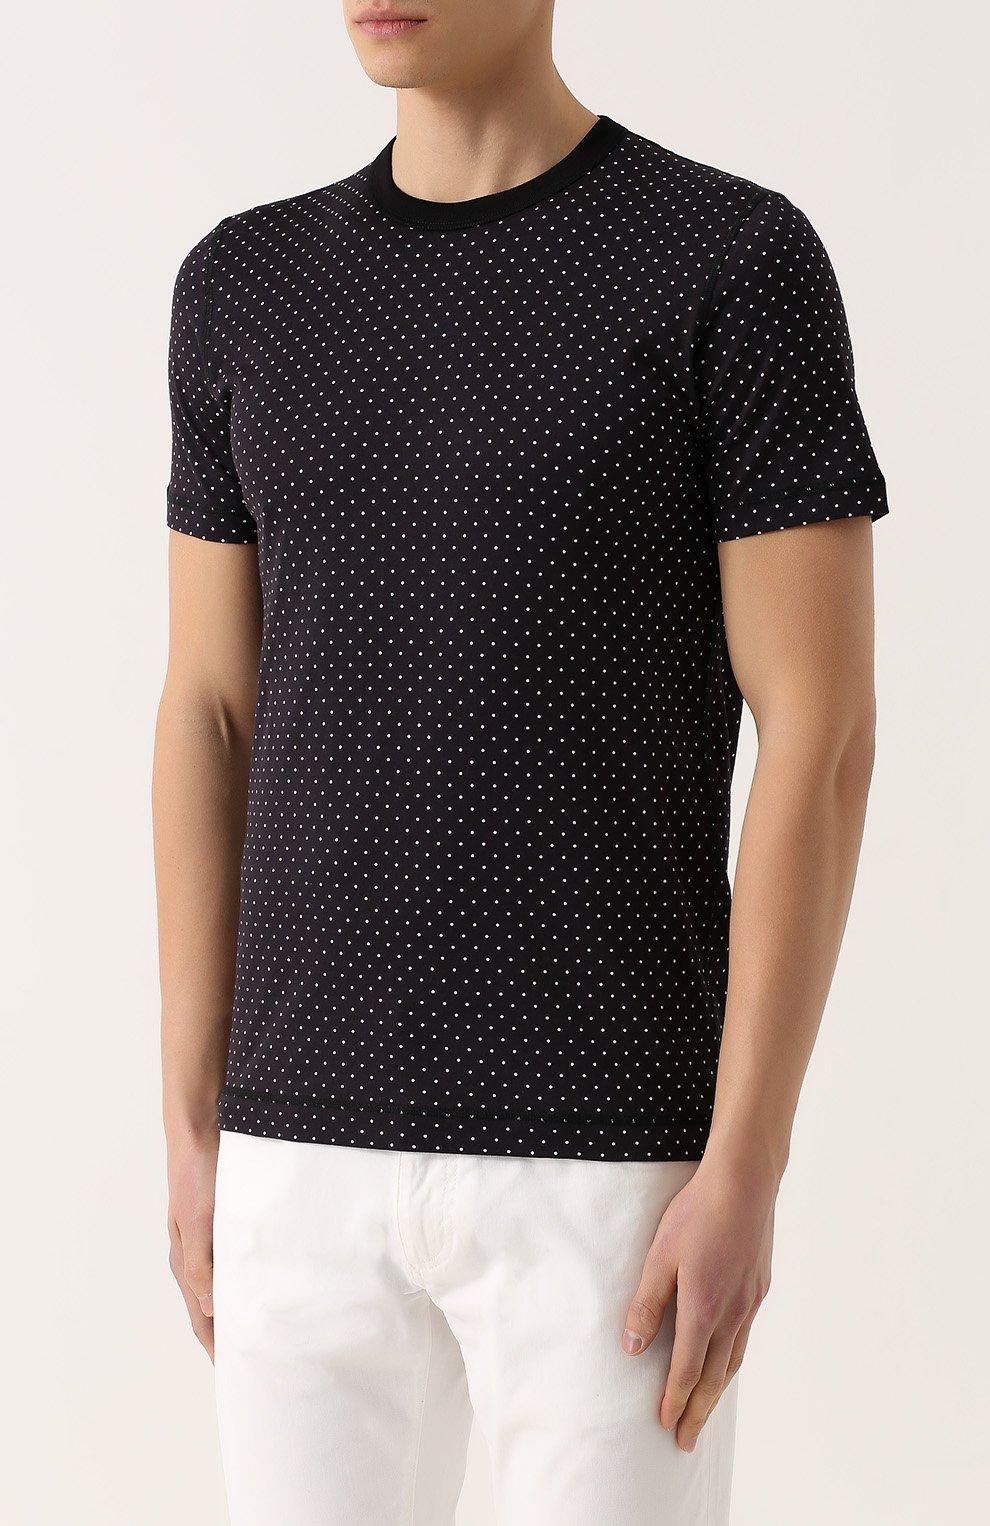 Хлопковая футболка с узором Polka Dot | Фото №3